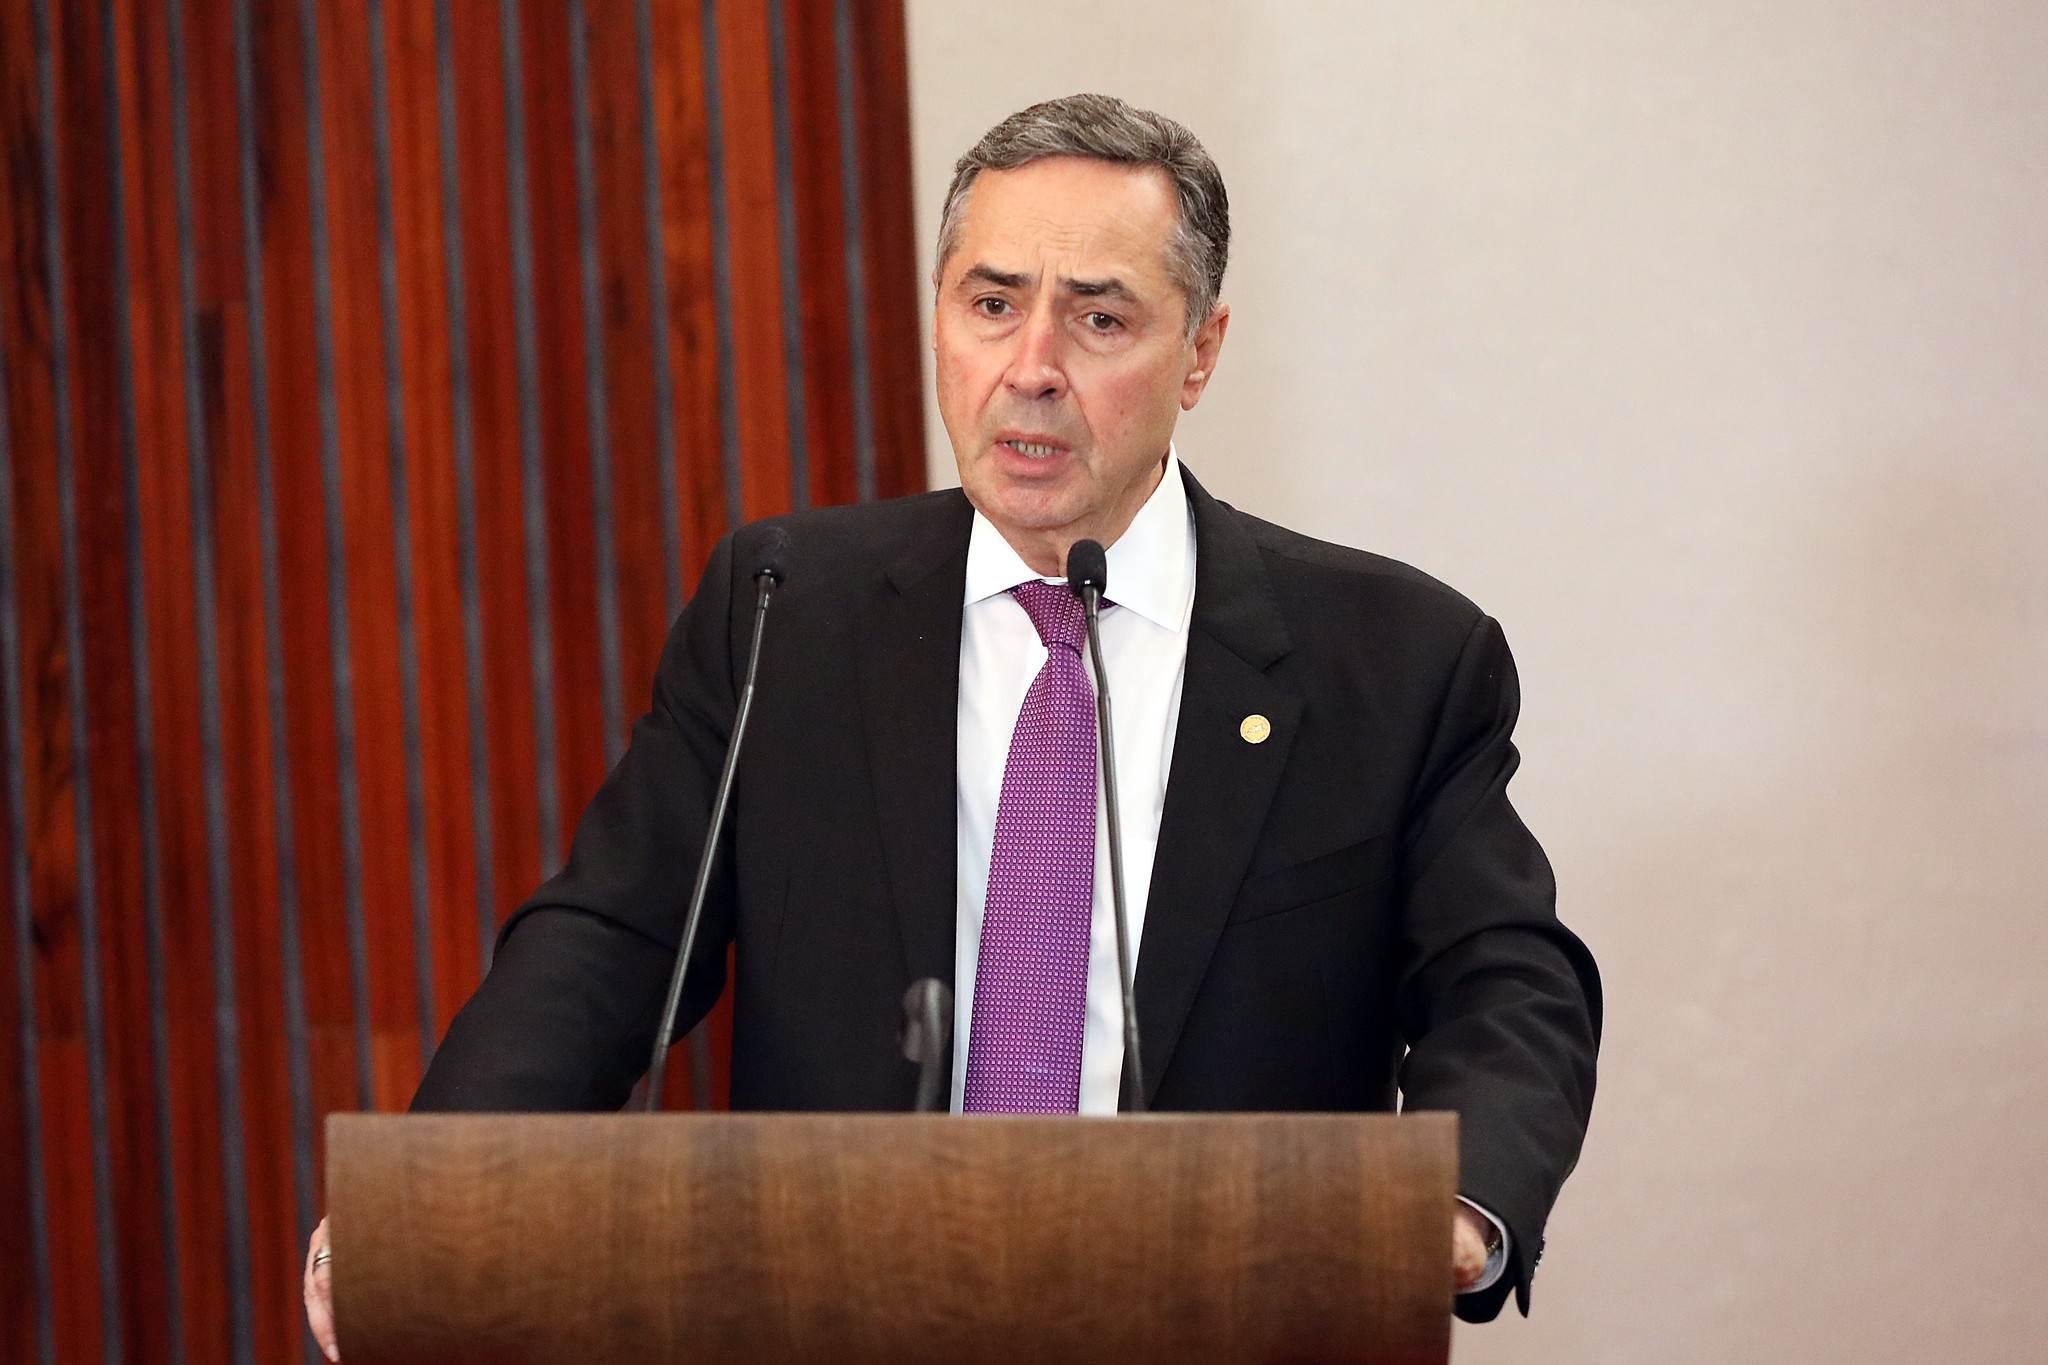 Ministro Luis Roberto Barroso, do TSE